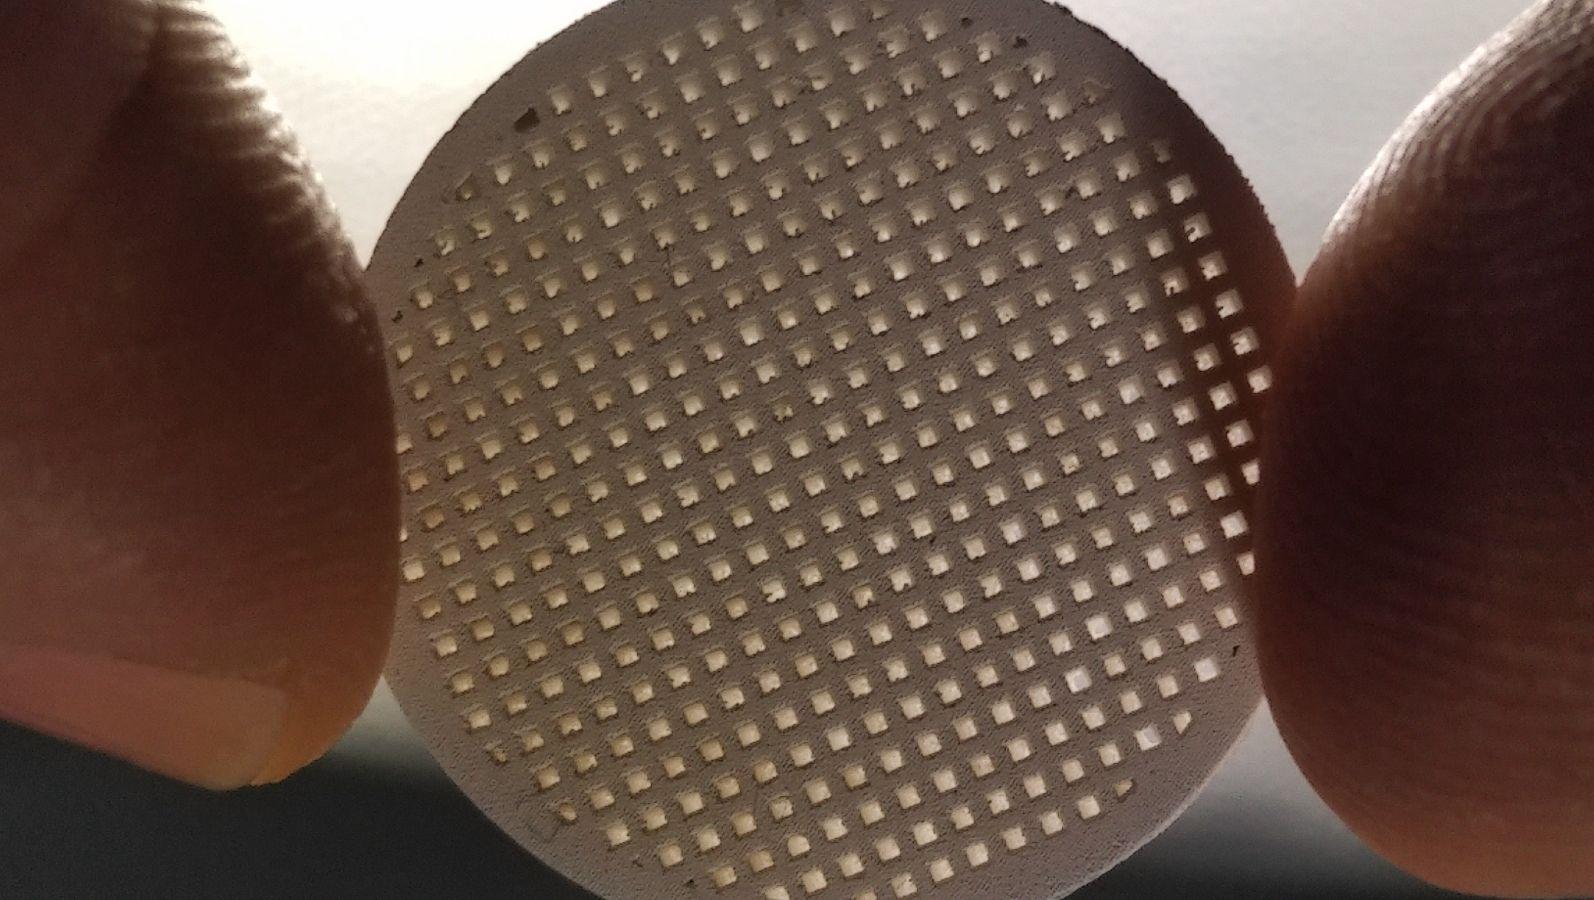 Nahaufnahme eines Membranträgers aus Magnesiumoxid (MgO) der im Forschungsprojekt AMAZING per 3D-Druck hergestellt wurde. © WZR ceramic solutions GmbH